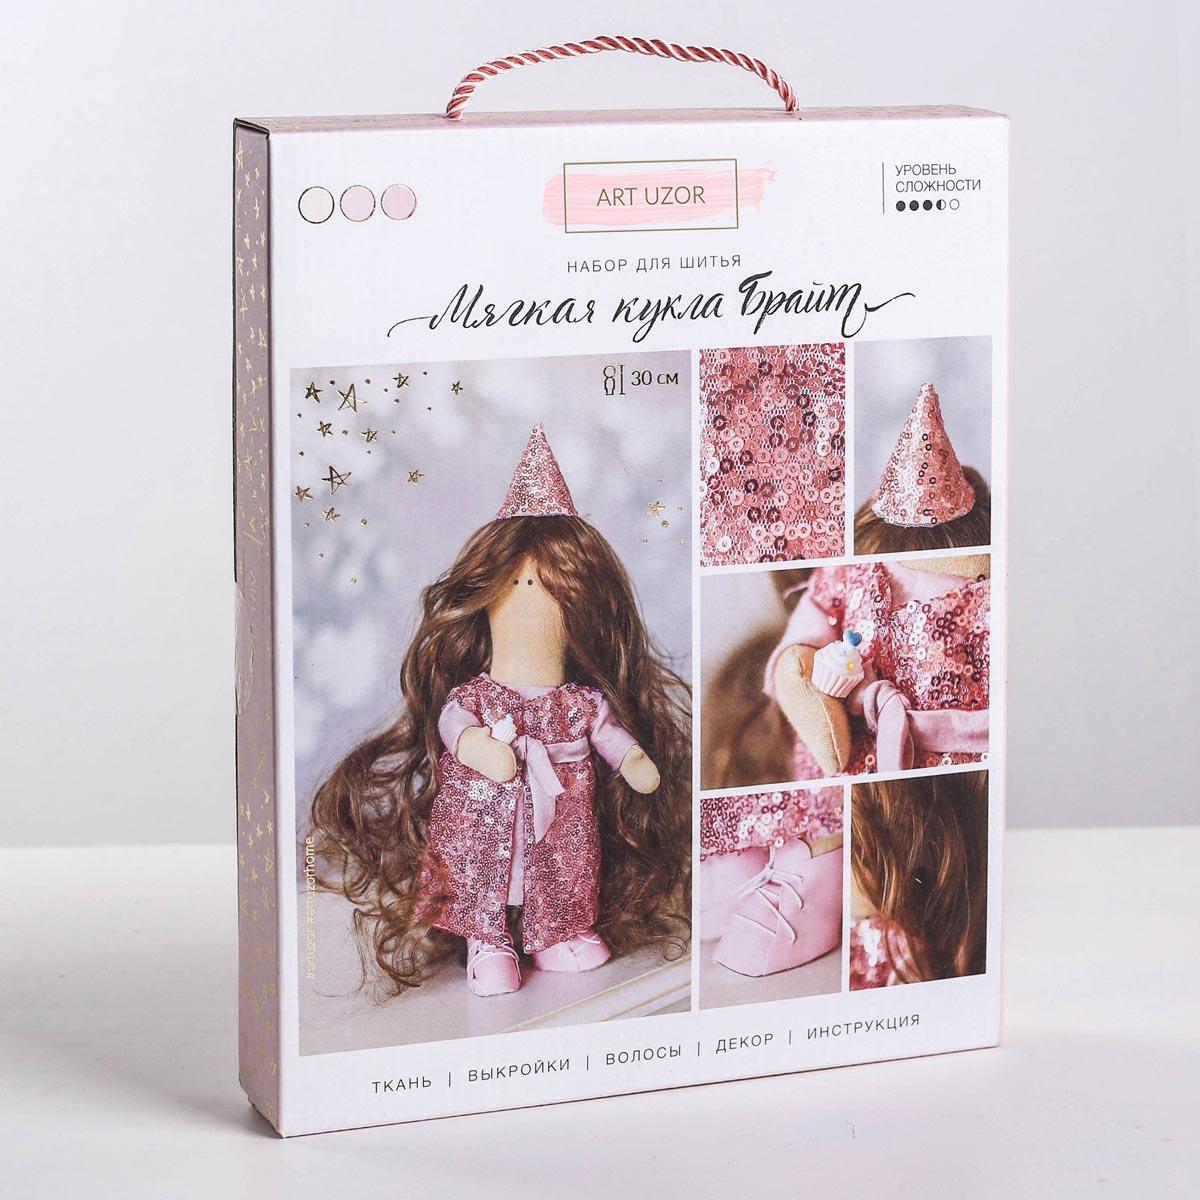 3548668 Интерьерная кукла 'Брайт', набор для шитья, 18 * 22.5 * 3 см